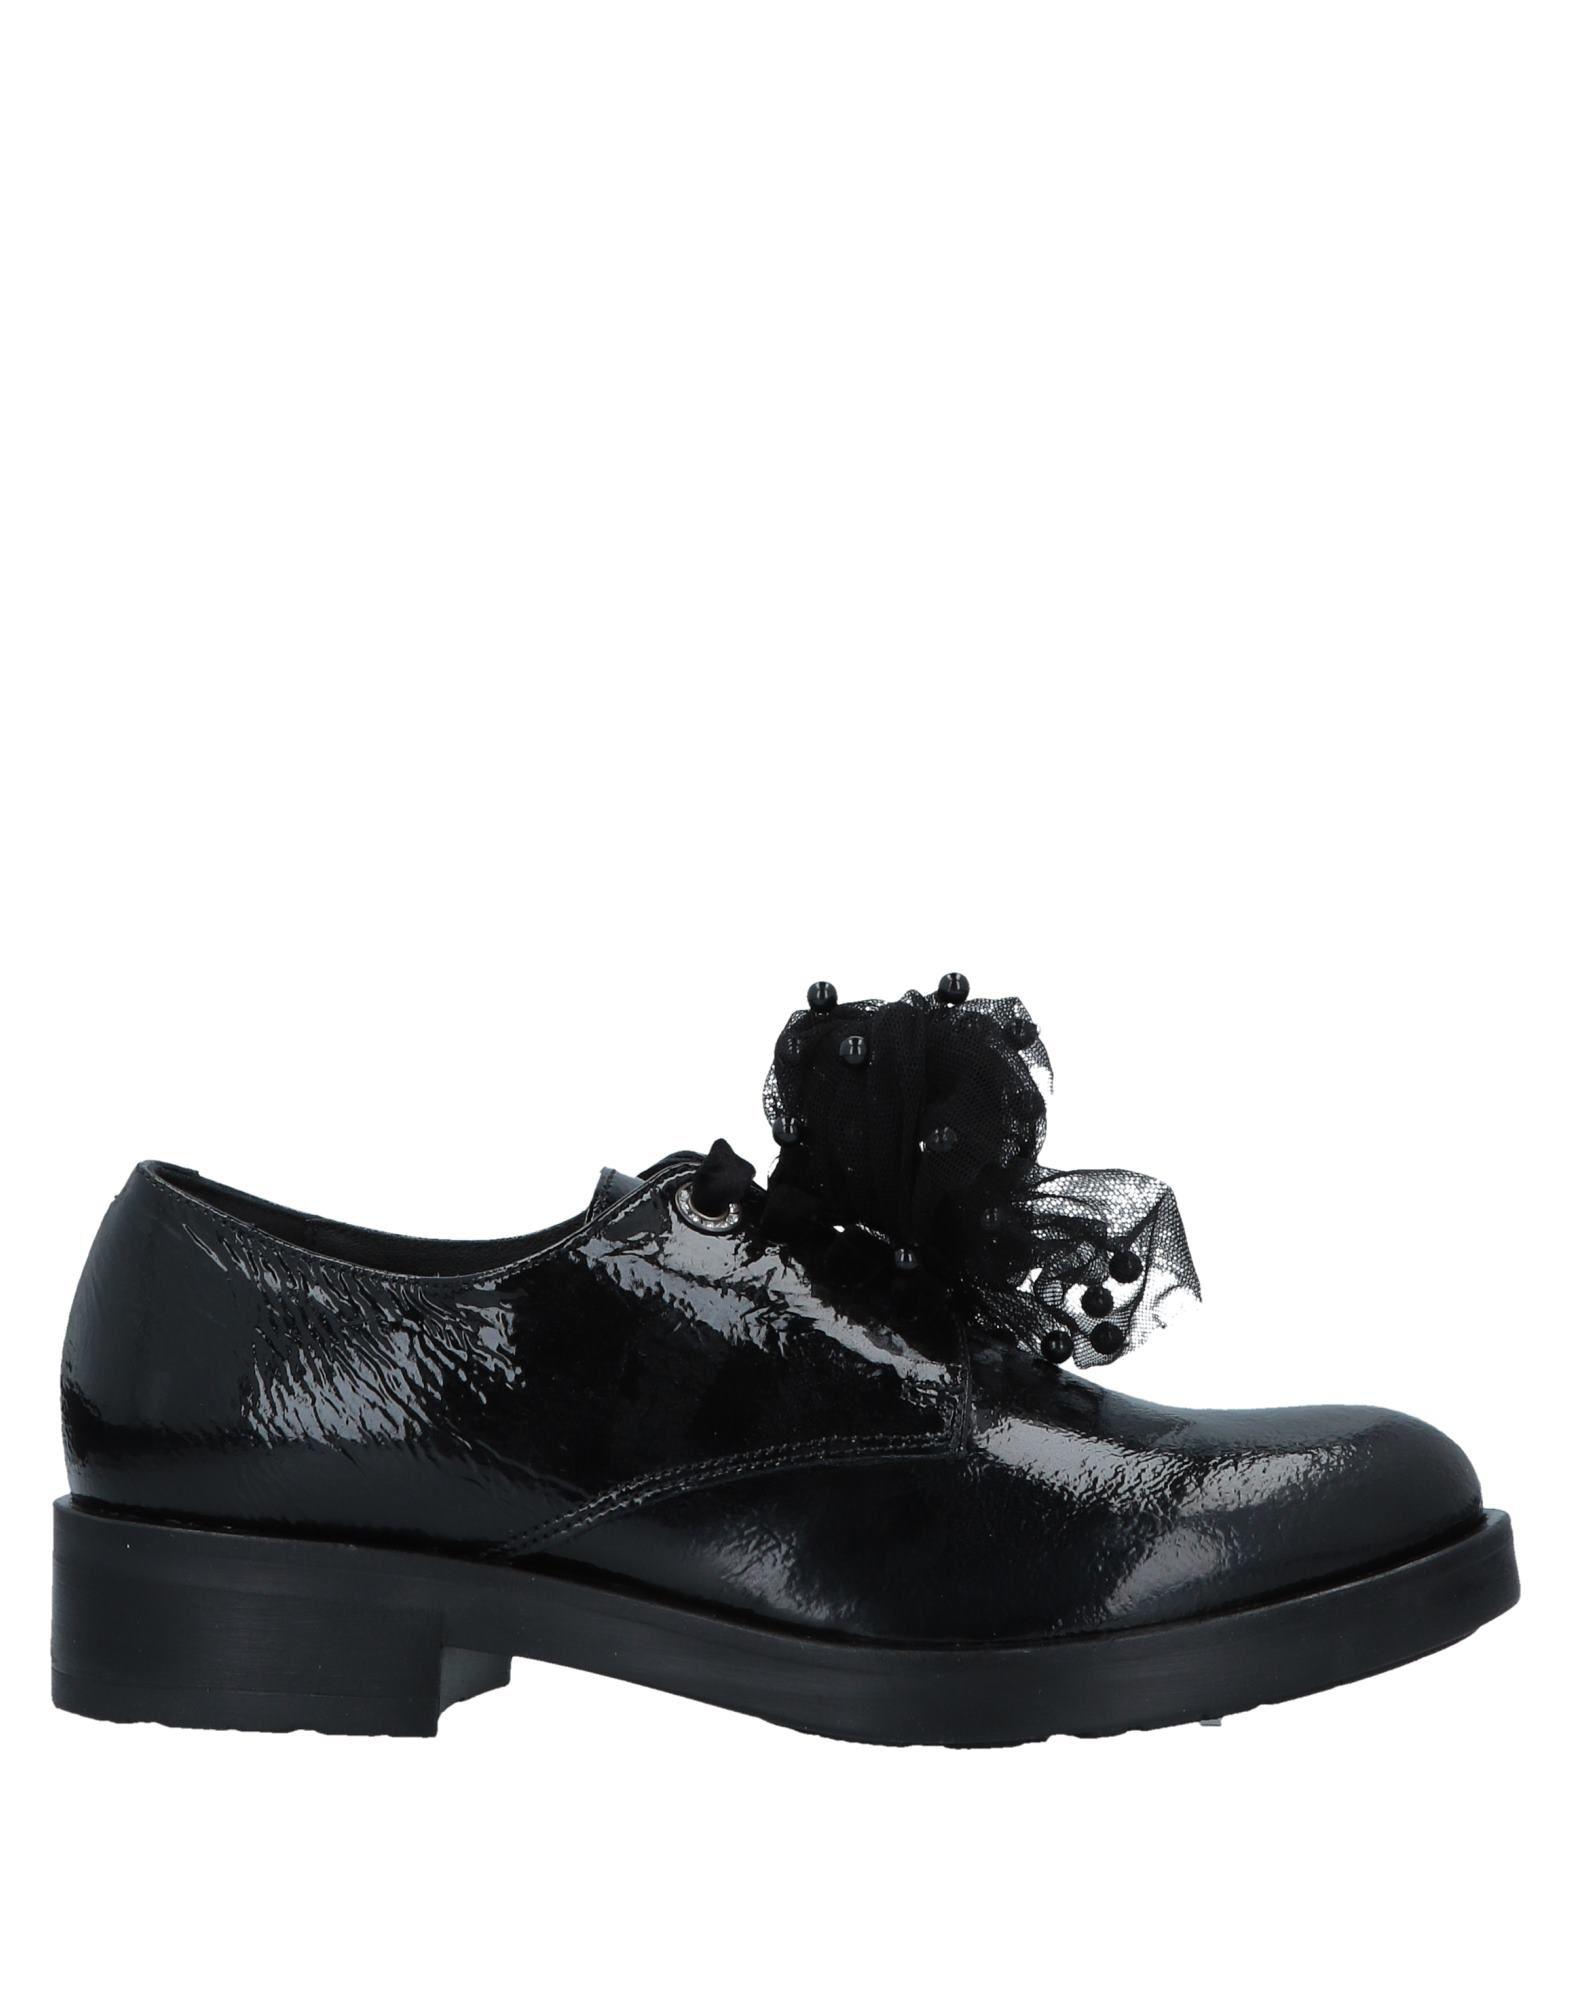 Фото - TOSCA BLU SHOES Обувь на шнурках dvd blu ray